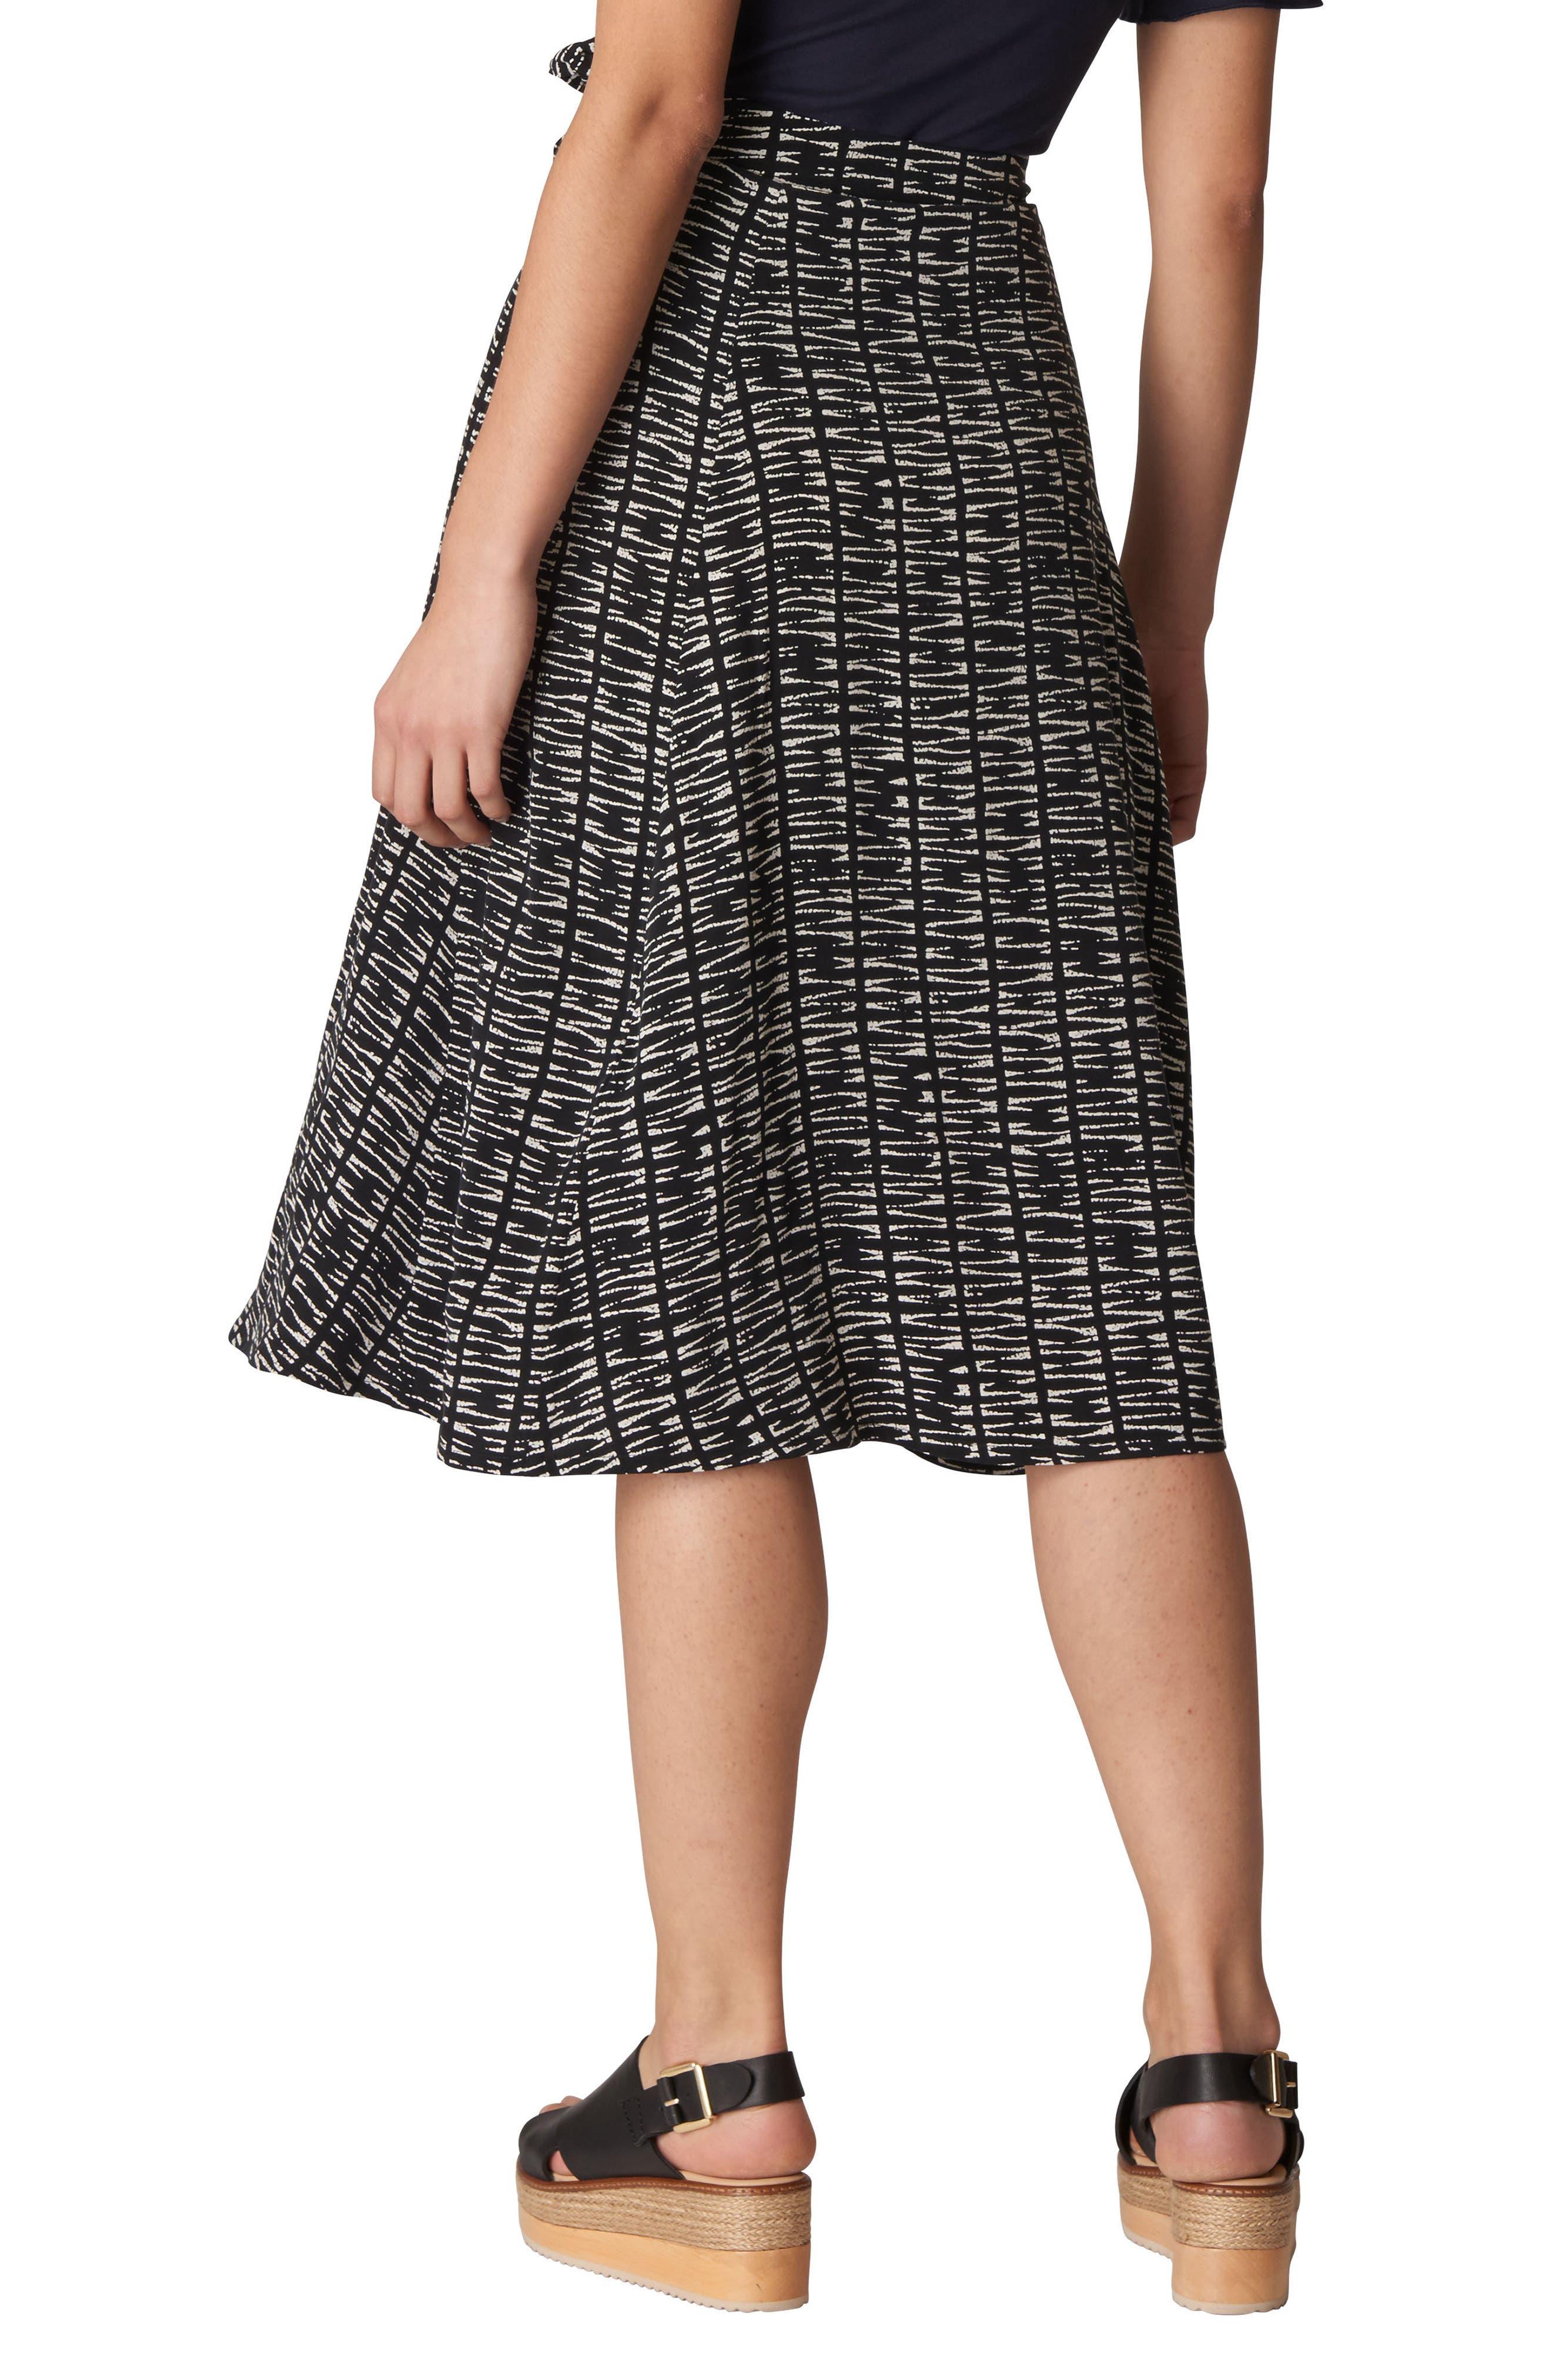 Avie Sahara Print Wrap Skirt,                             Alternate thumbnail 2, color,                             001